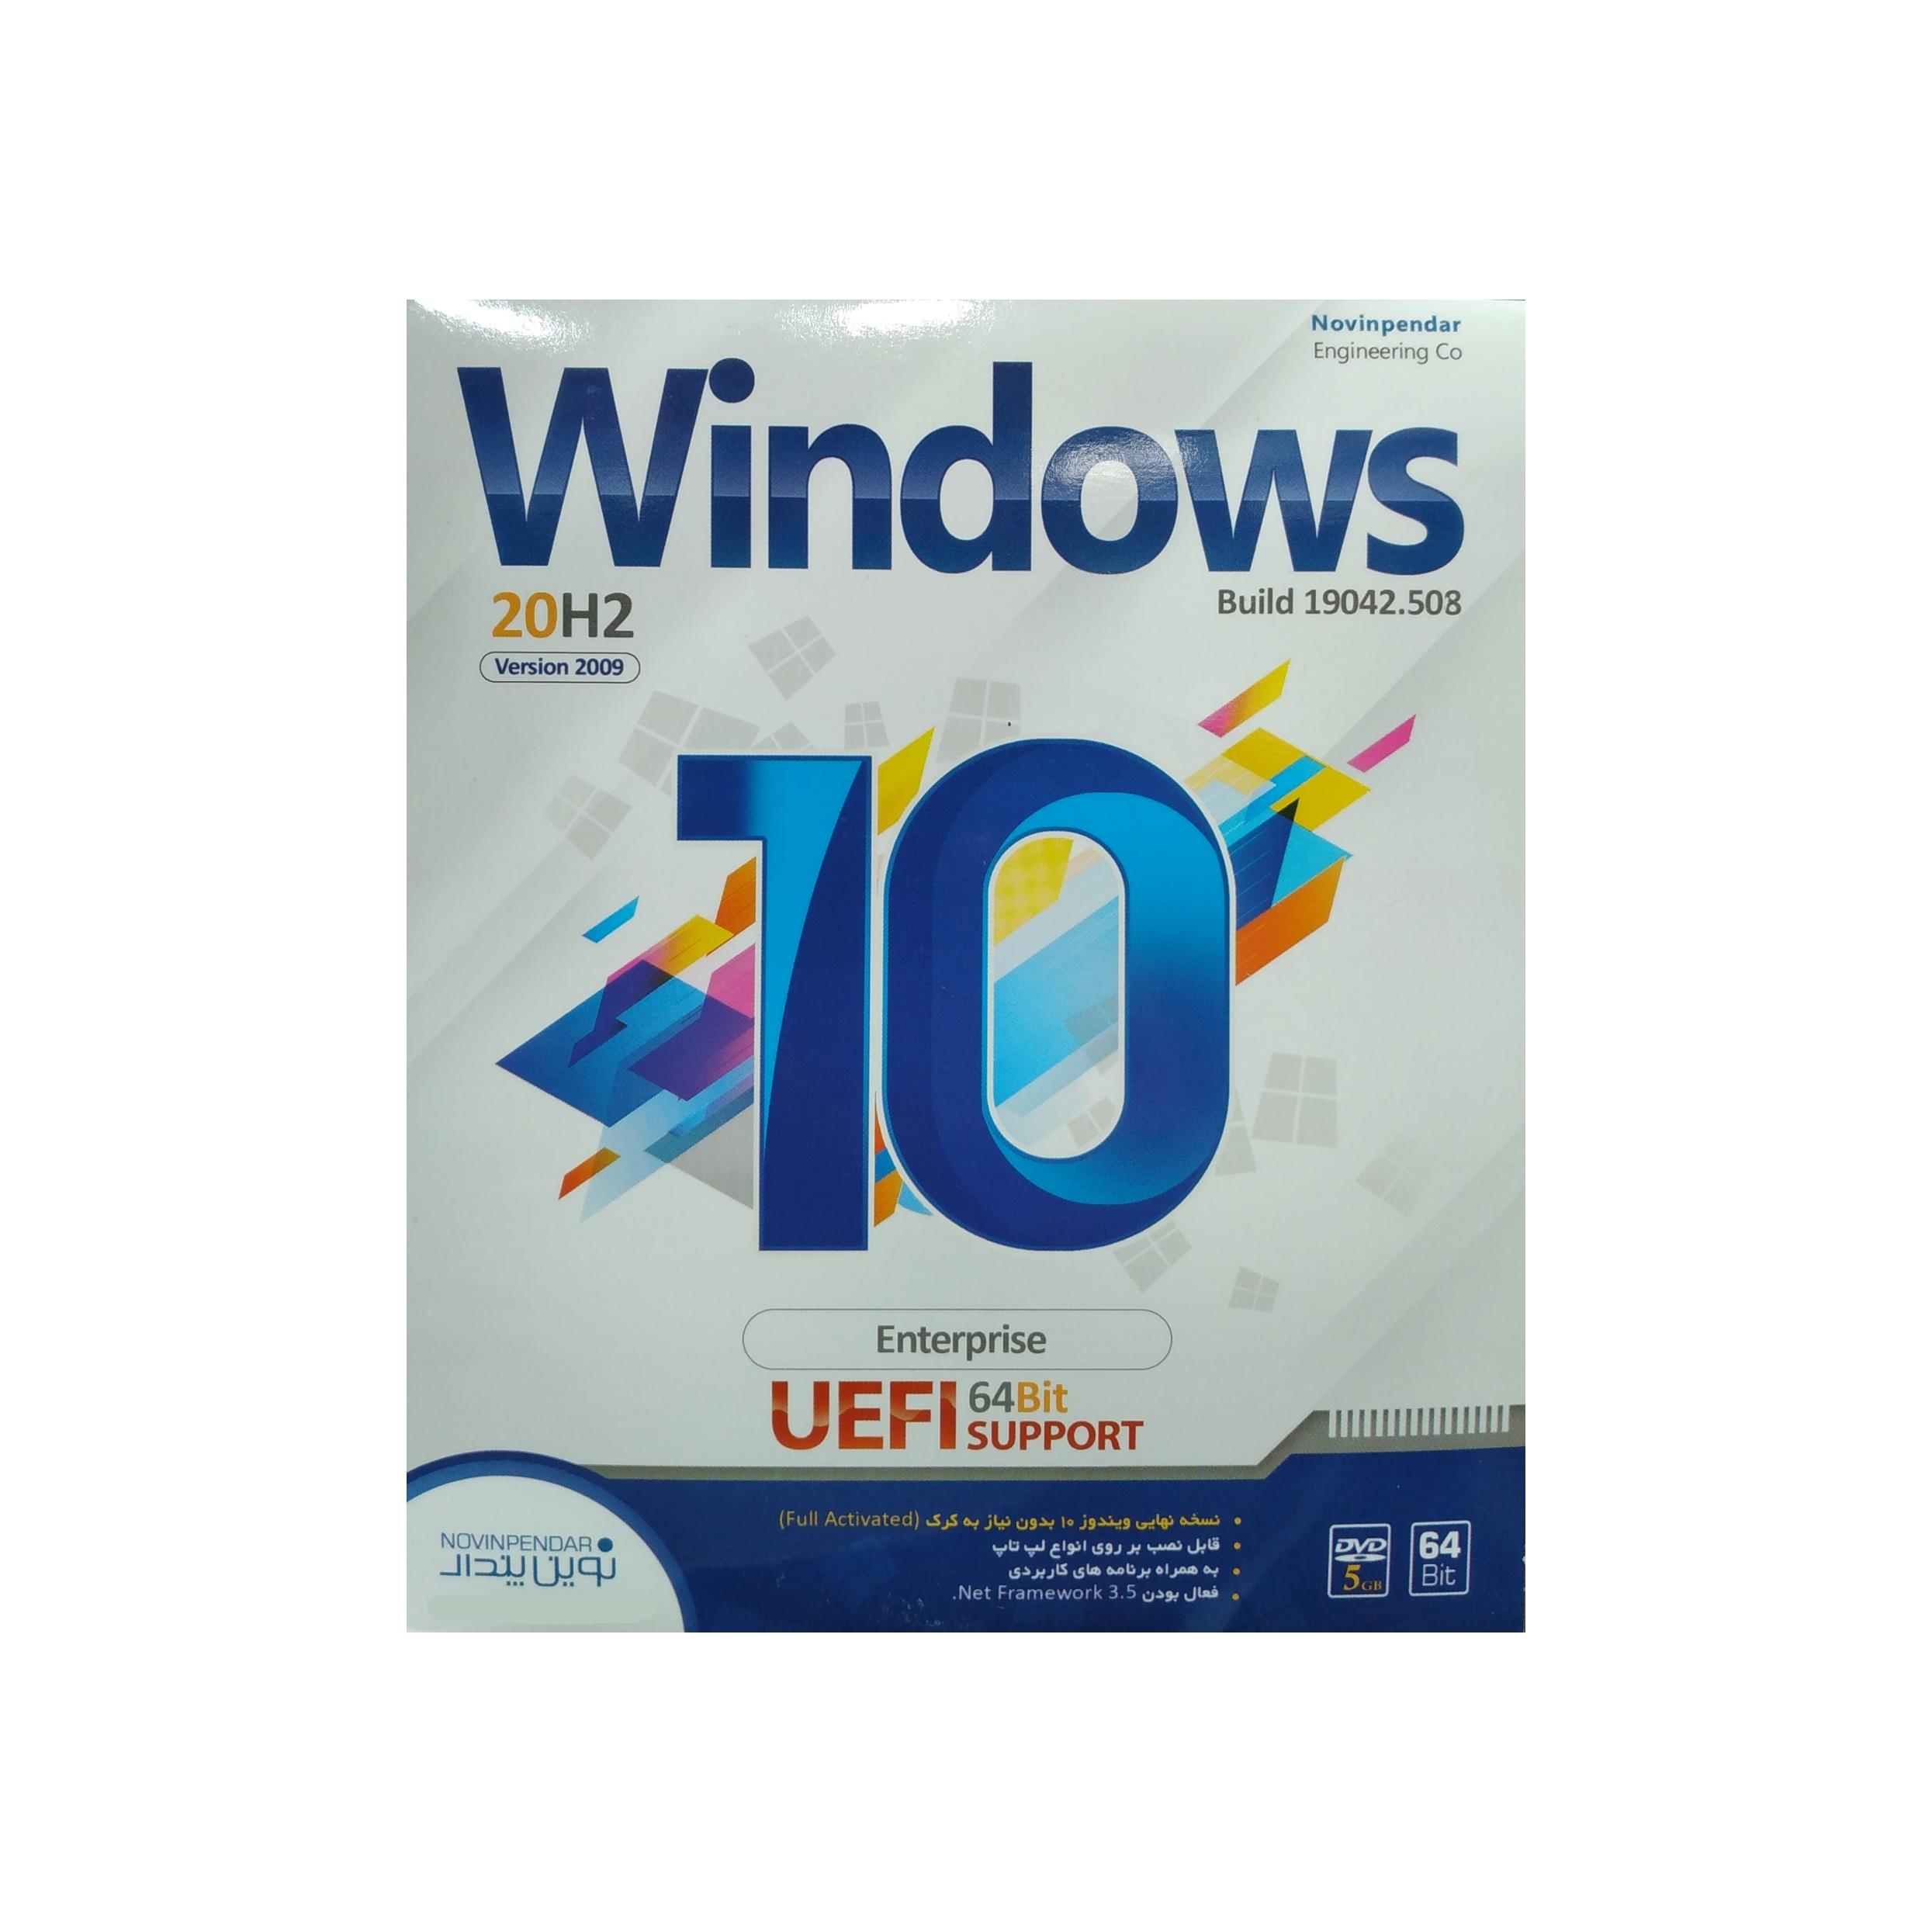 سیستم عامل ویندوز ۱۰ نسخه ۶۴ بیت شرکت نوین پندار